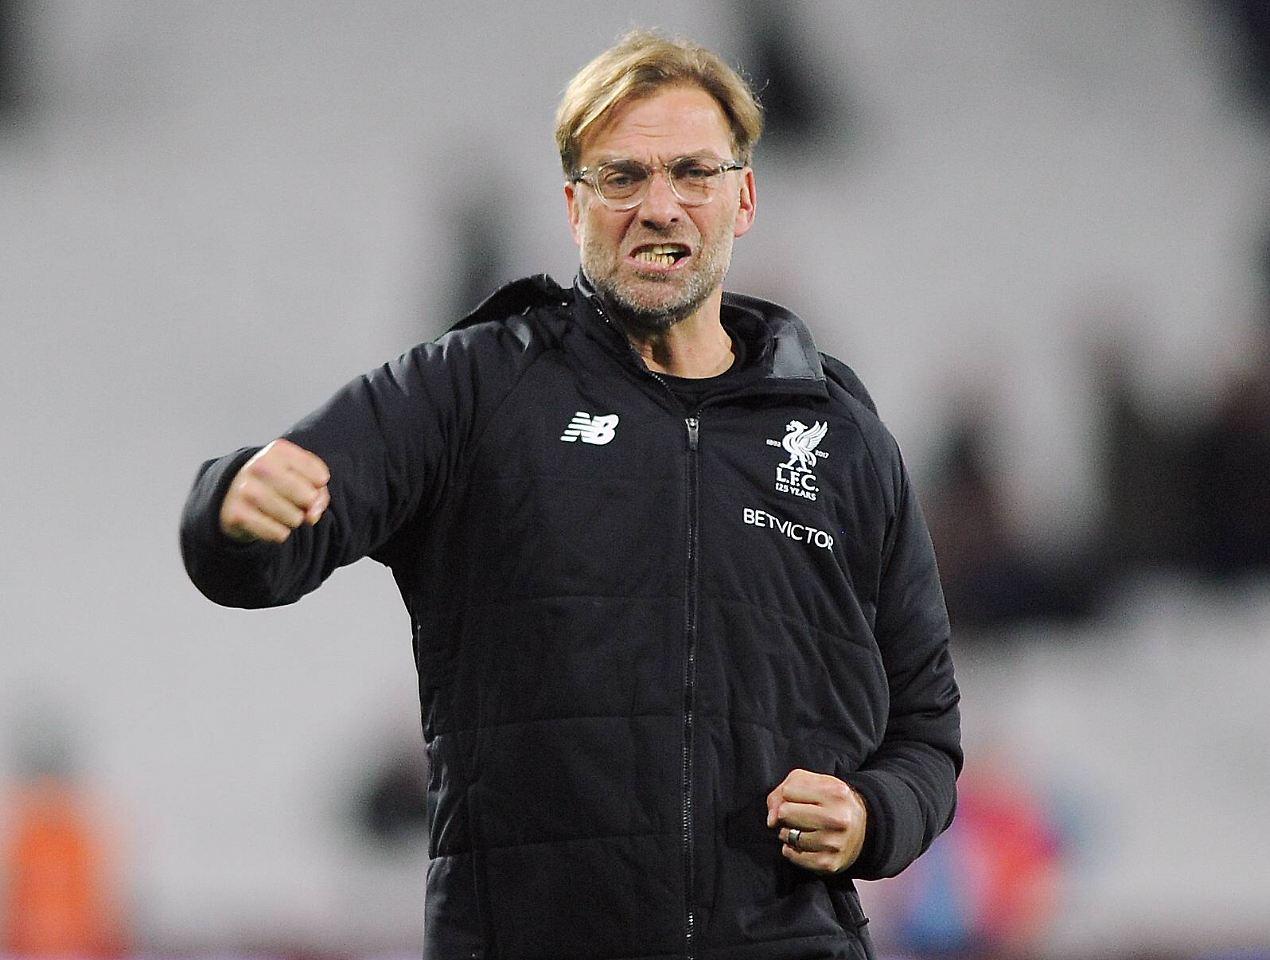 Jürgen Klopp hat offenbar nach wie vor das Meisterschaftsziel mit dem FC Liverpool fest vor Augen